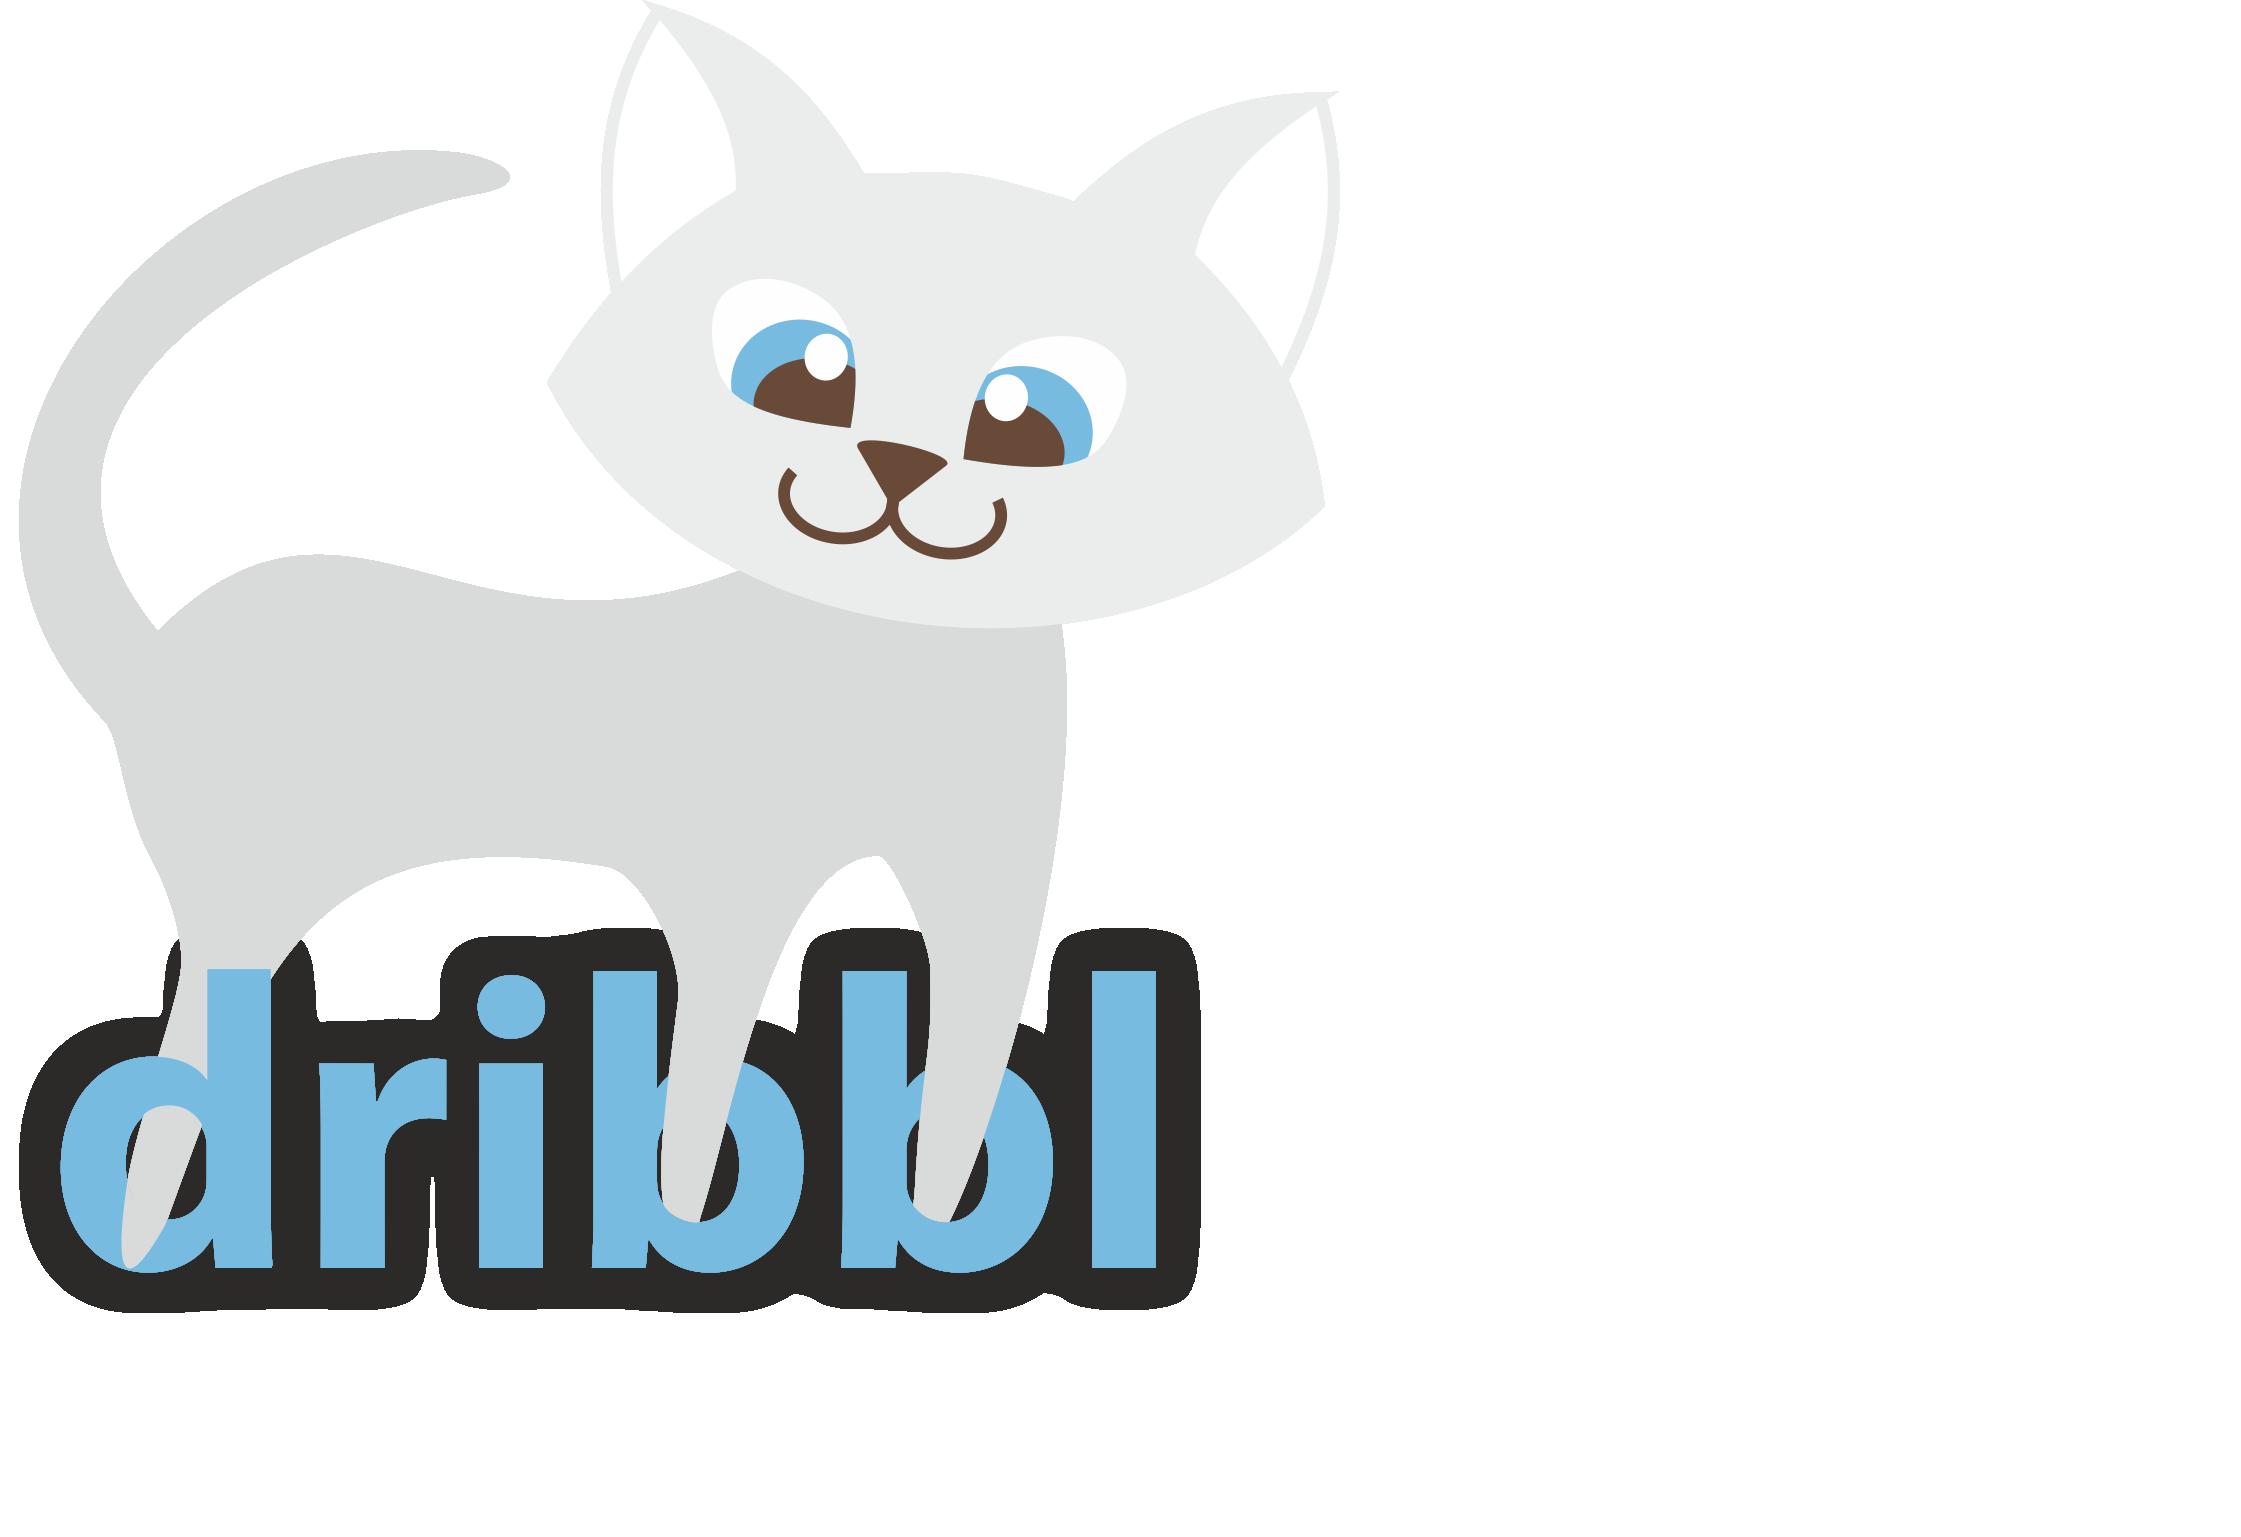 Разработка логотипа для сайта Dribbl.ru фото f_1835a9bde7924f27.png